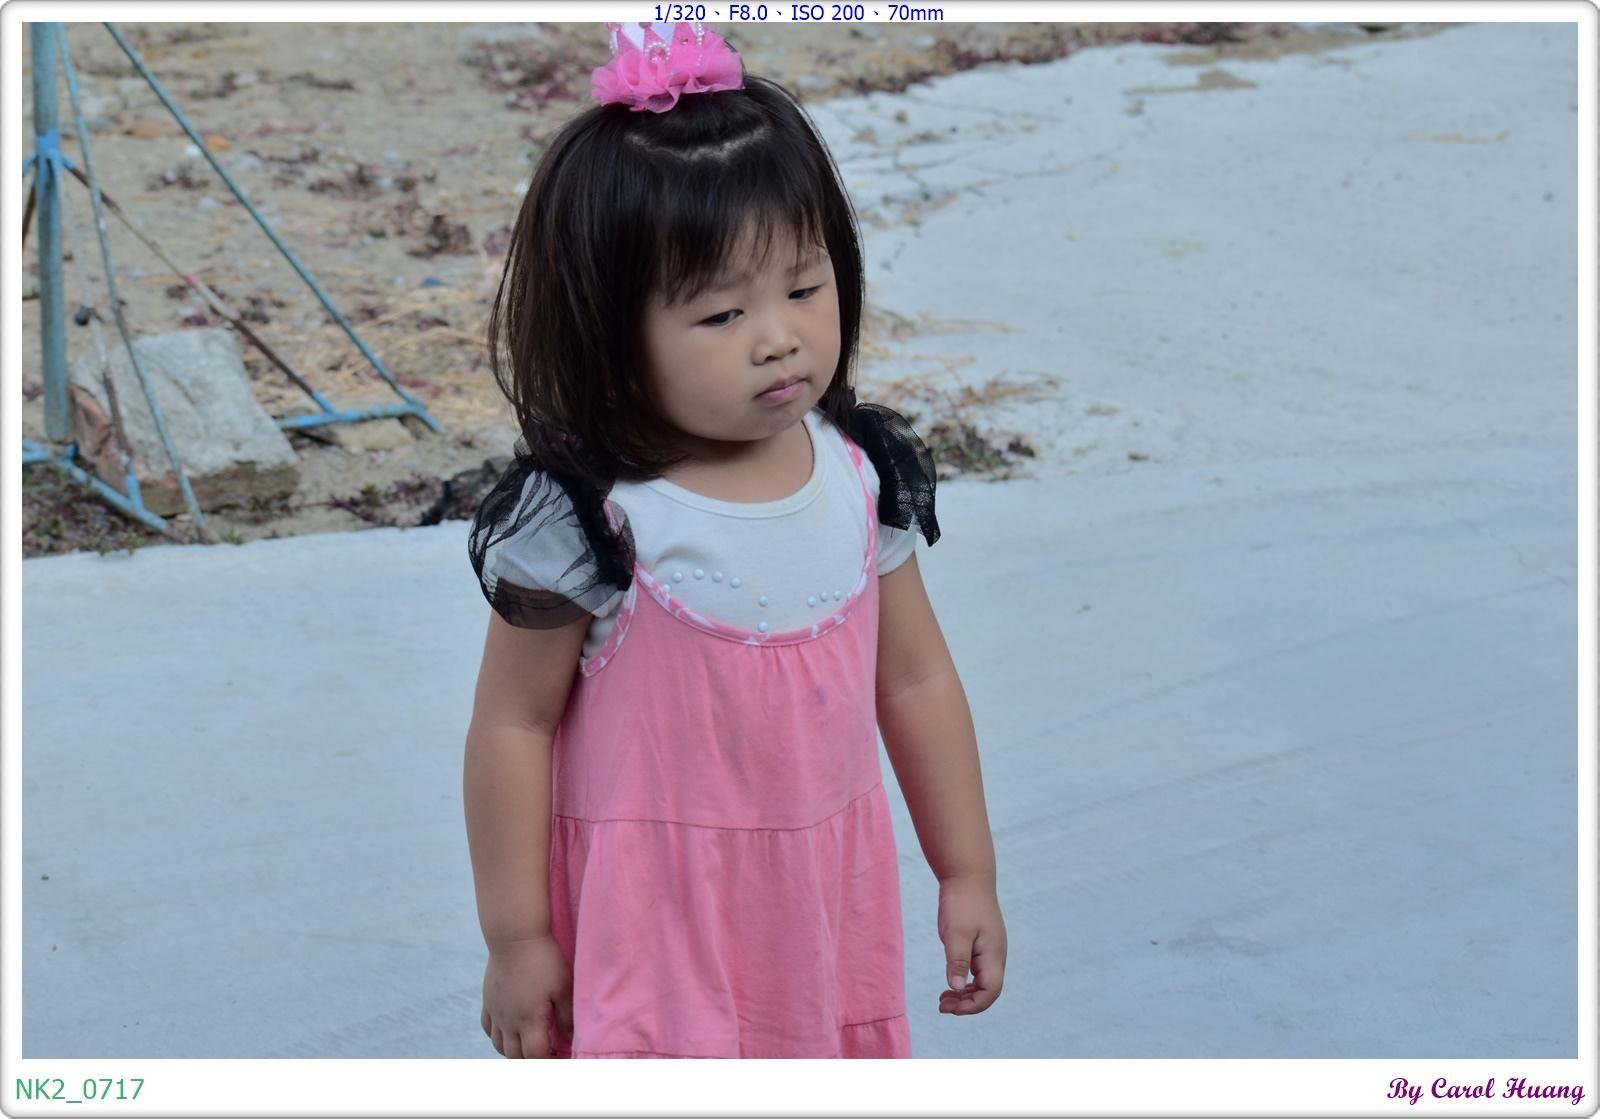 NK2_0717.JPG